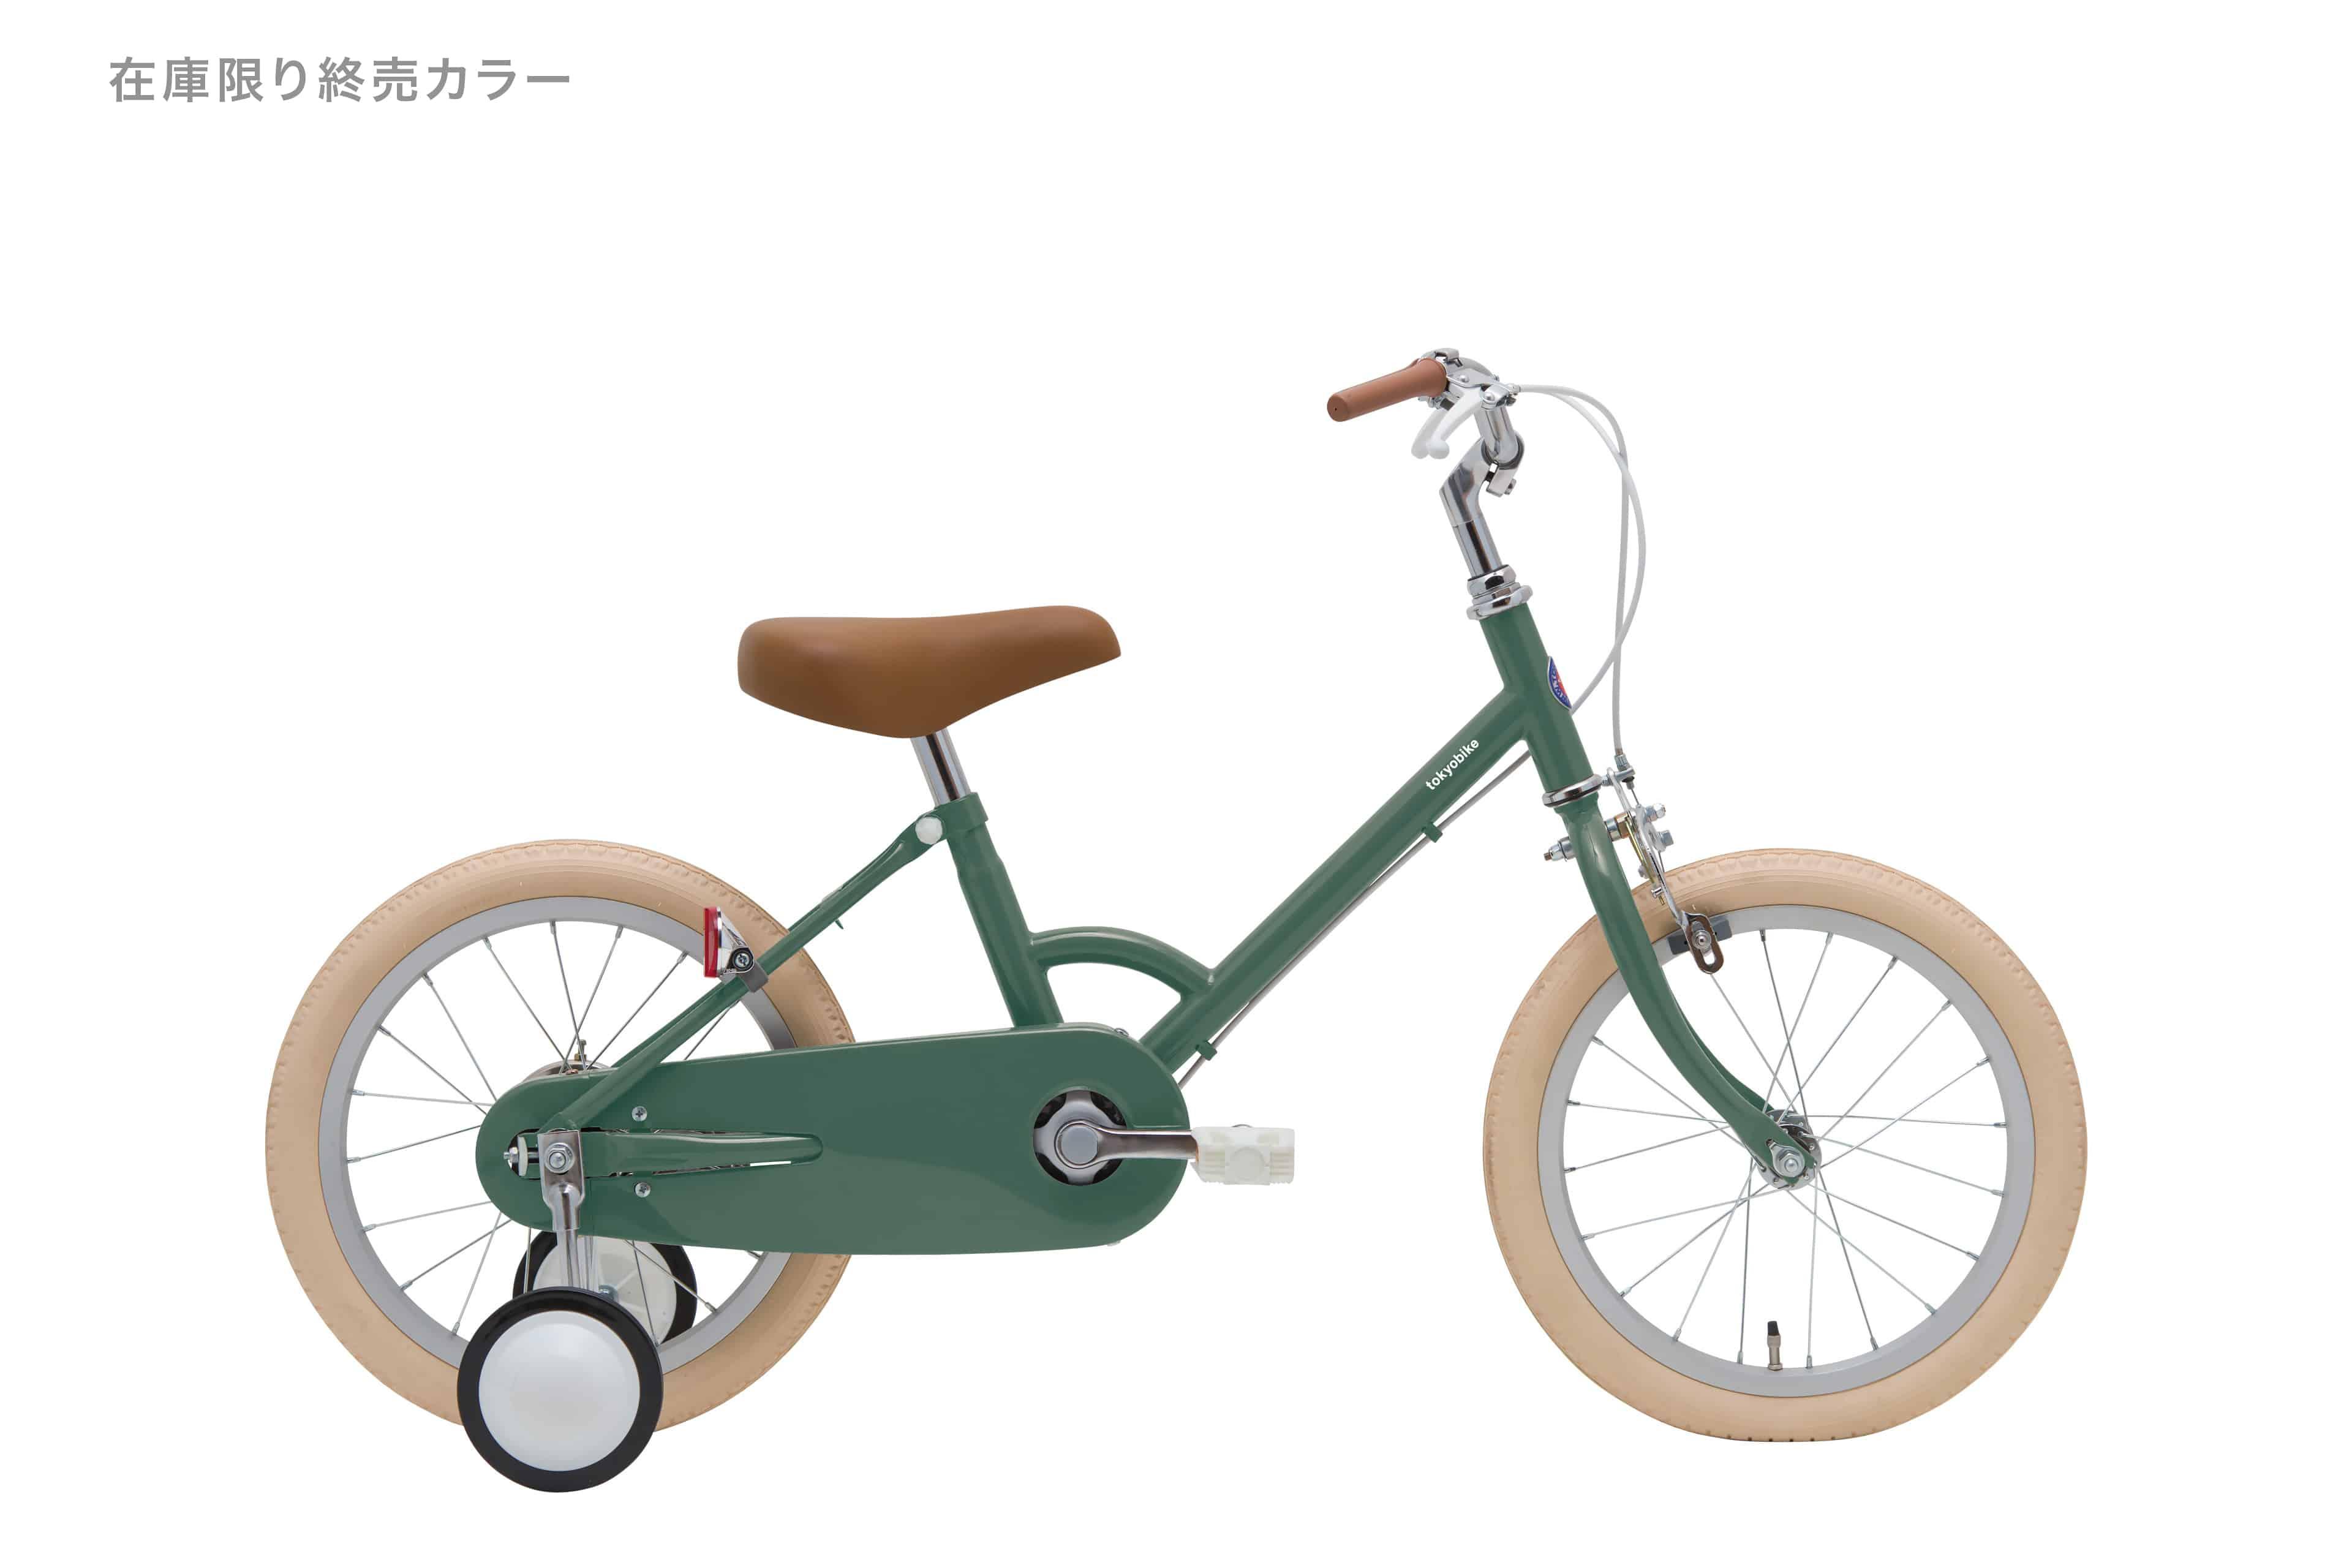 補助輪付き自転車 little tokyobike